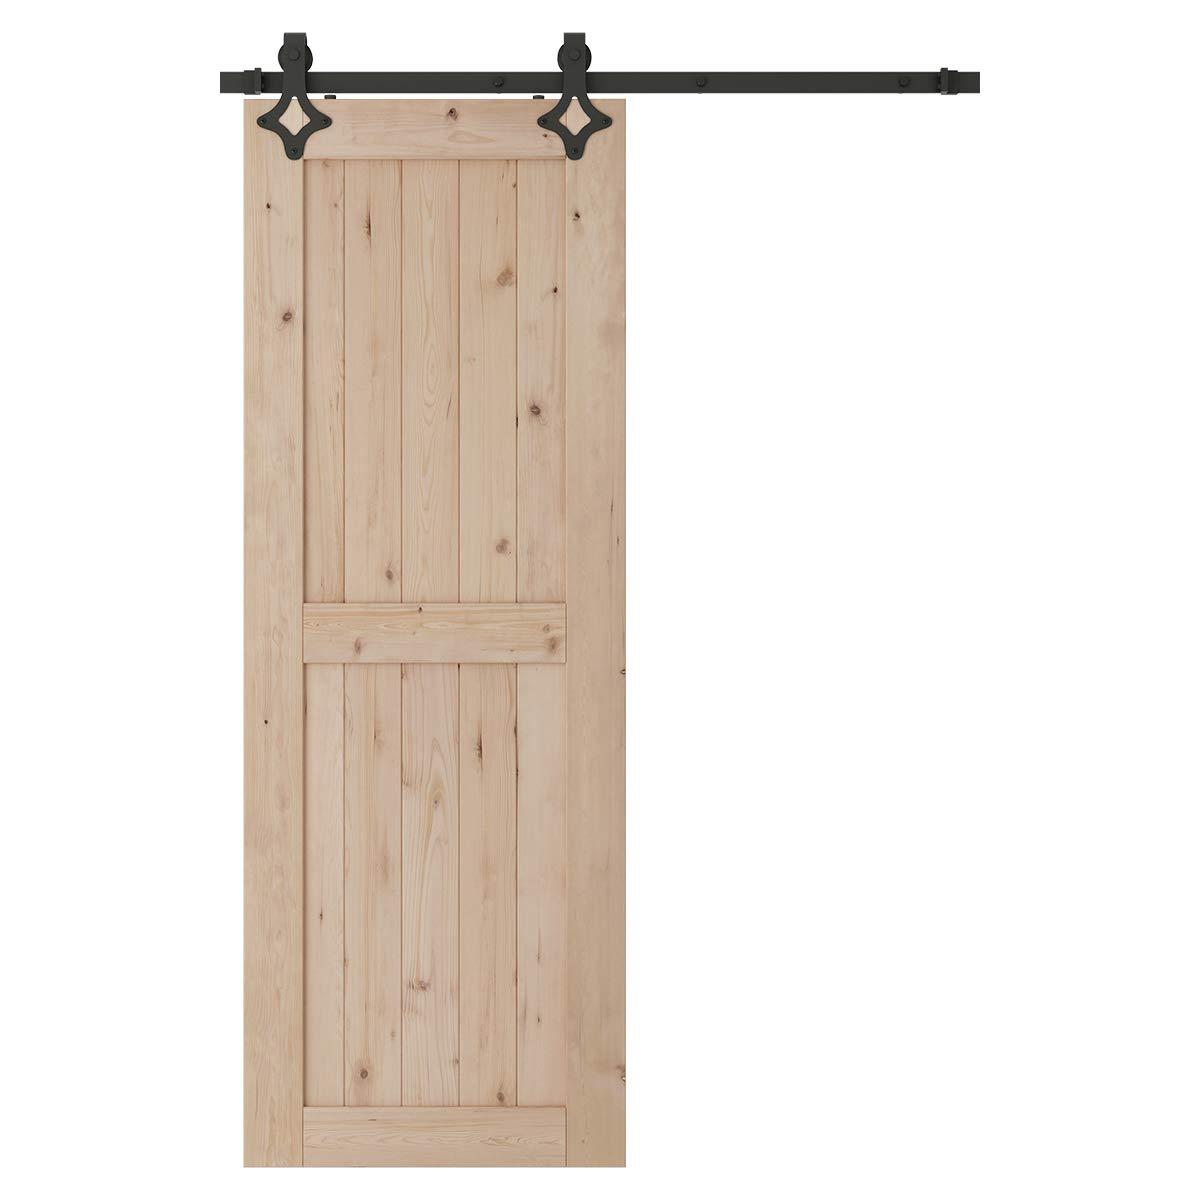 Black SMARTSTANDARD Sliding Barn Door Hardware Rollers 2PCS Big Industry Wheel Hangers